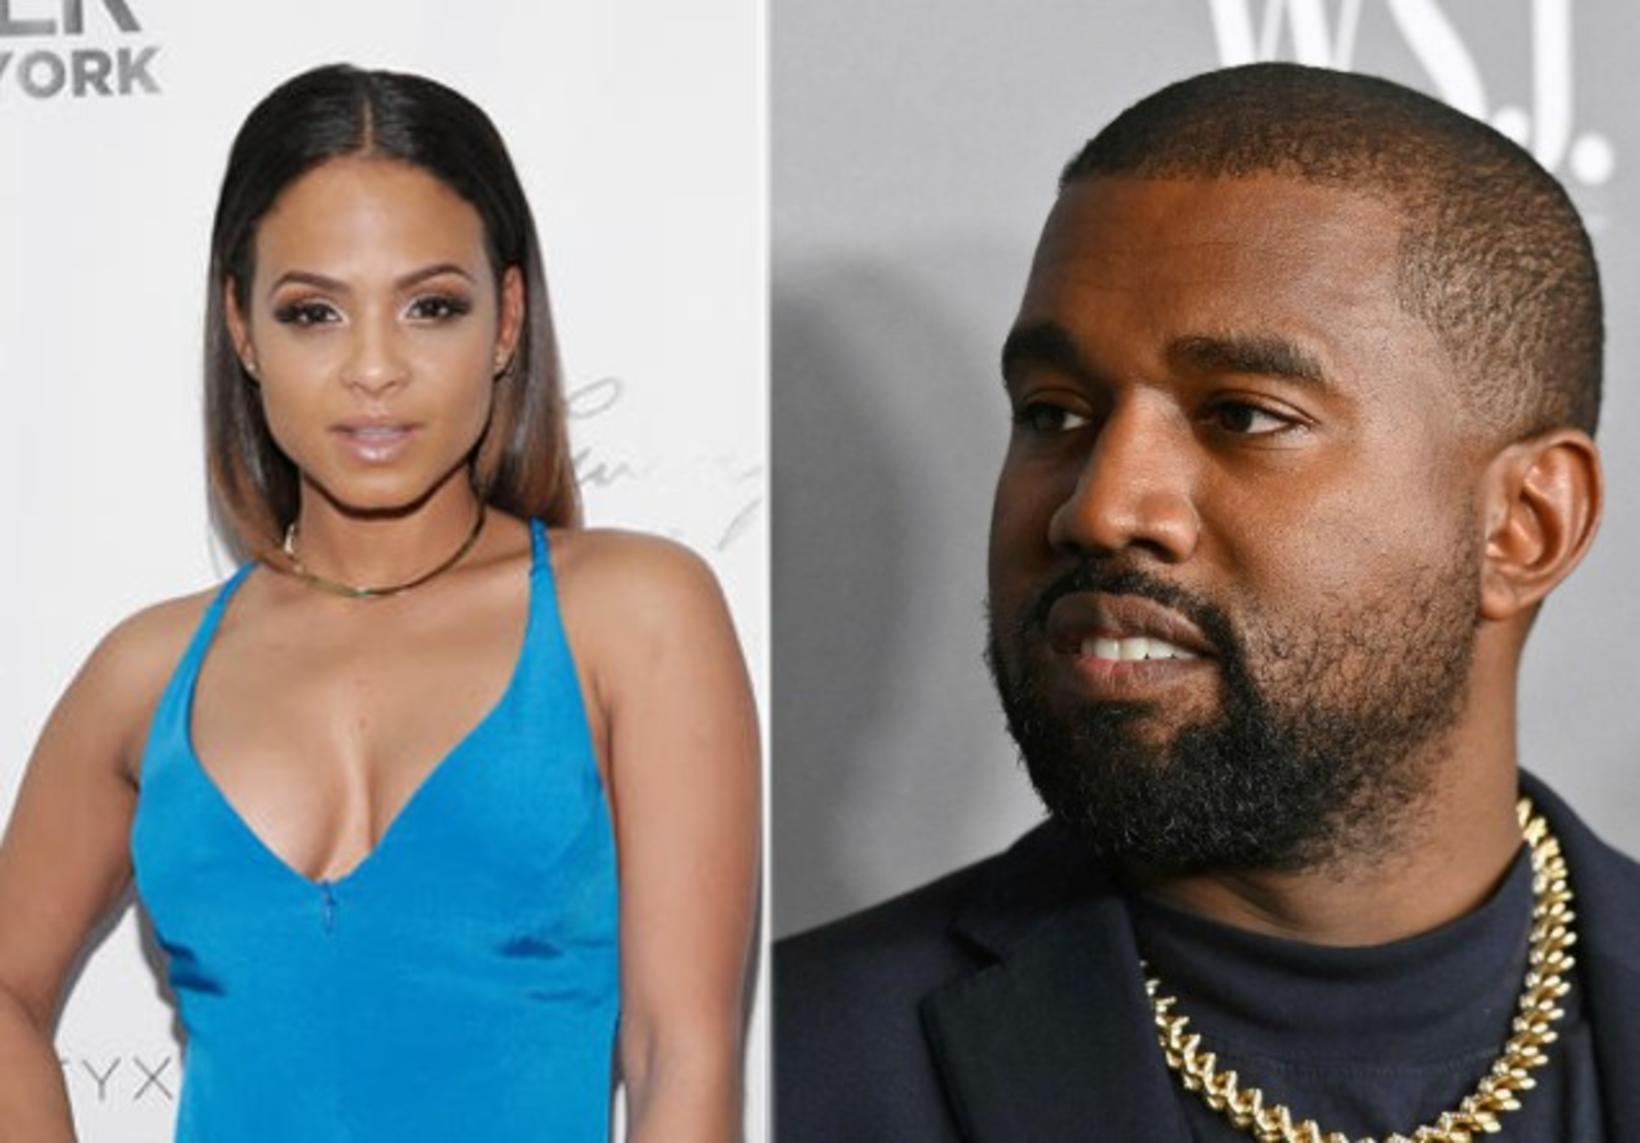 Orðrómar eru á sveimi um að Kanye West hafi montað …